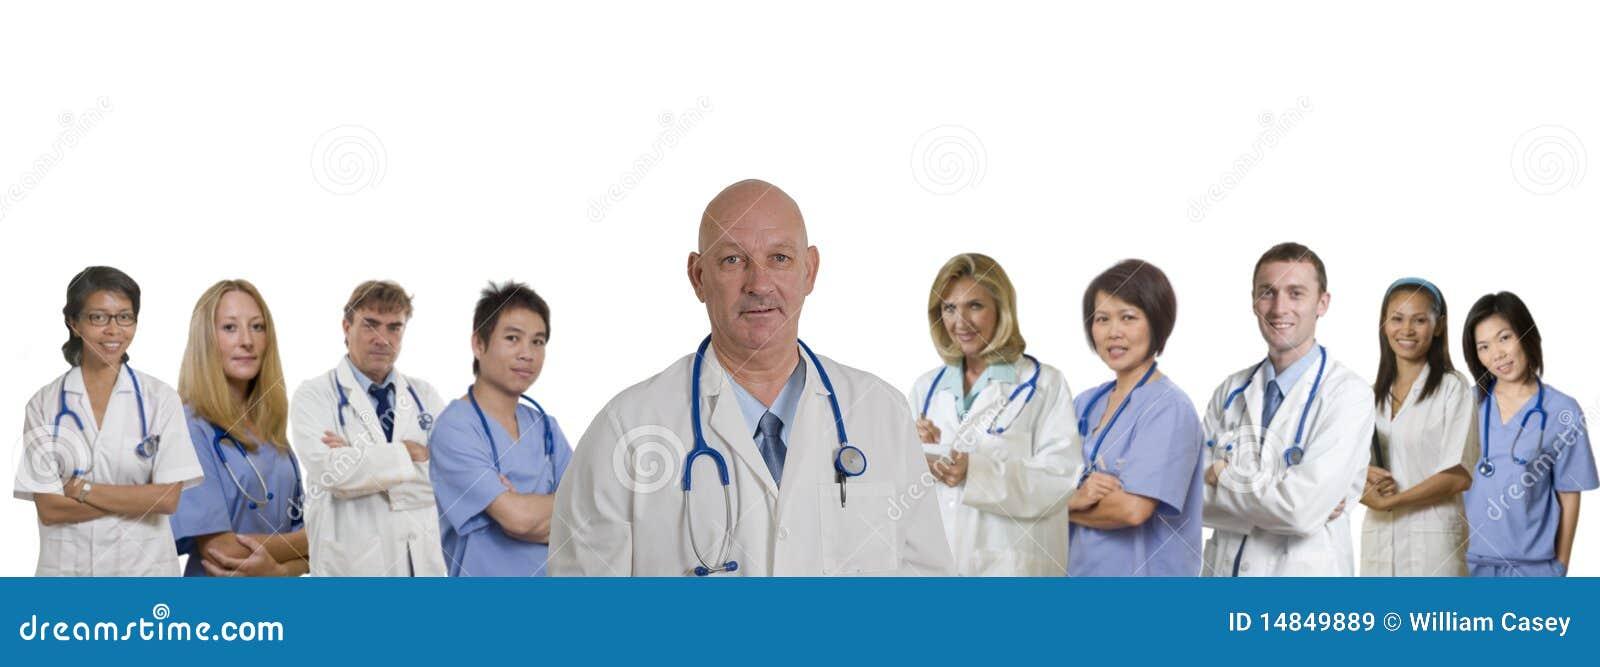 För sjukhusläkarundersökning för baner olik personal